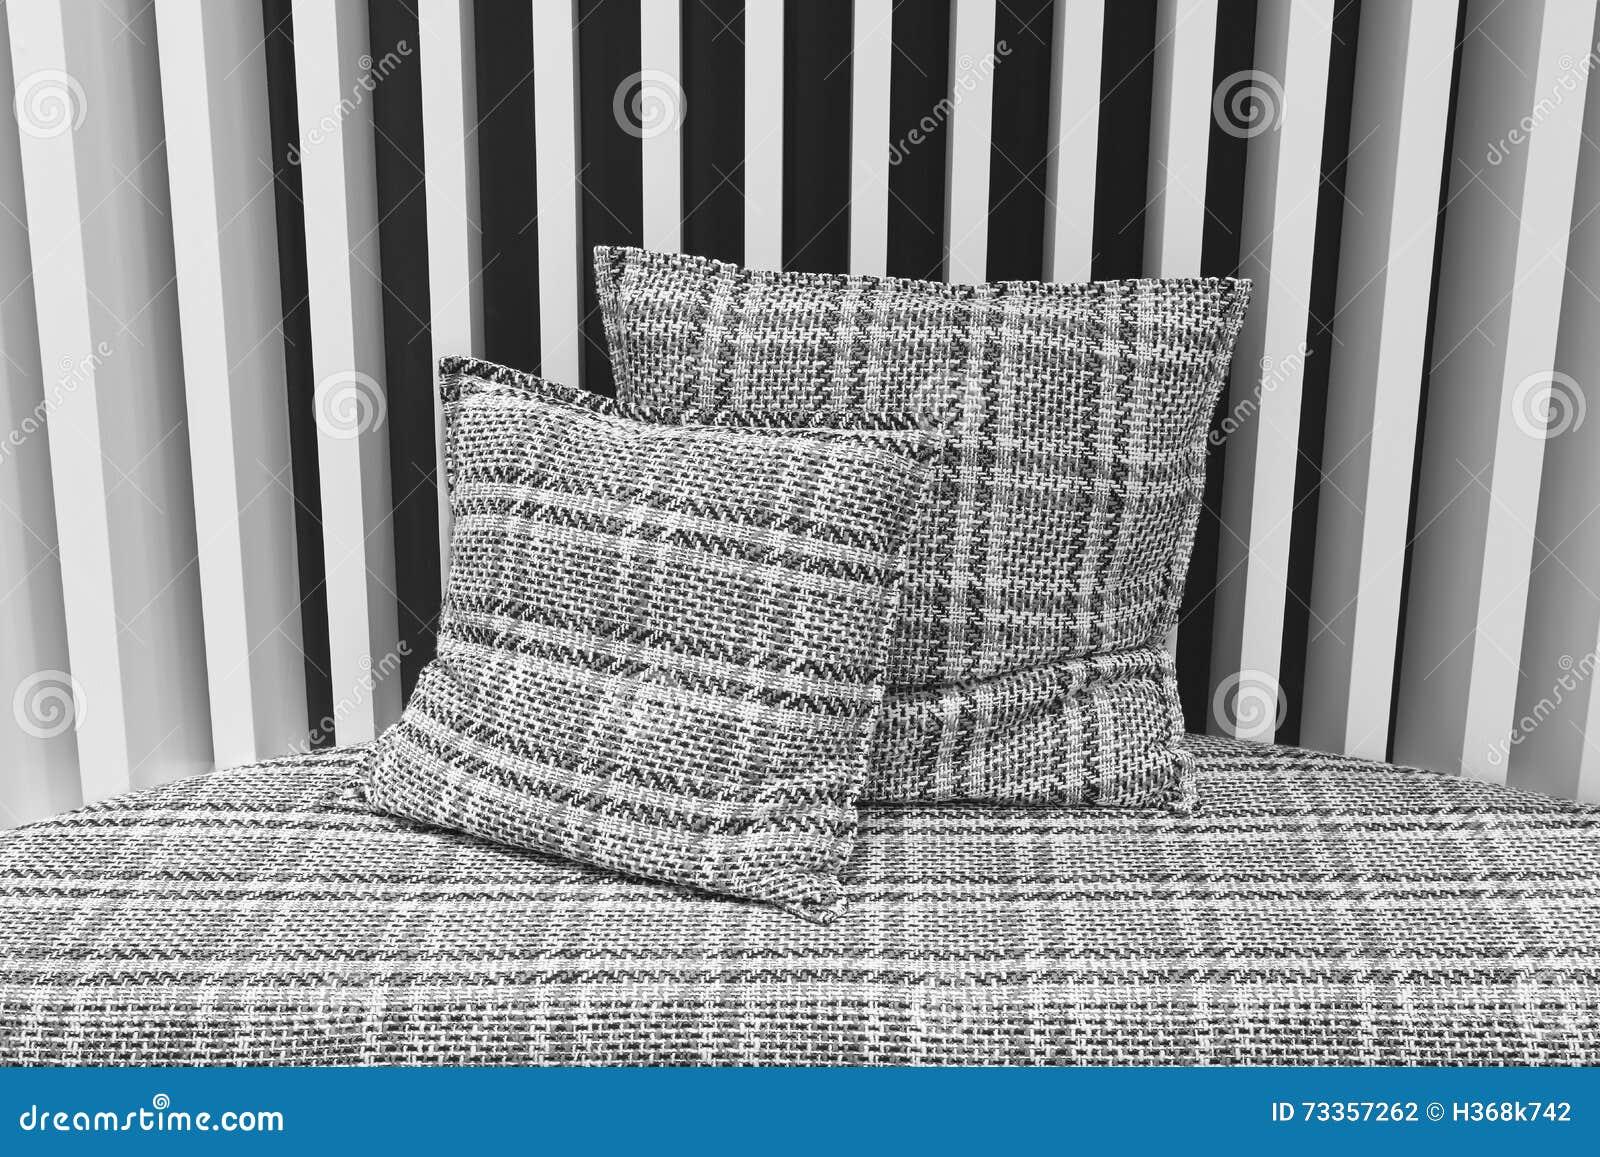 Pareti Con Foto In Bianco E Nero : Sofà con i cuscini e la parete in bianco e nero fotografia stock